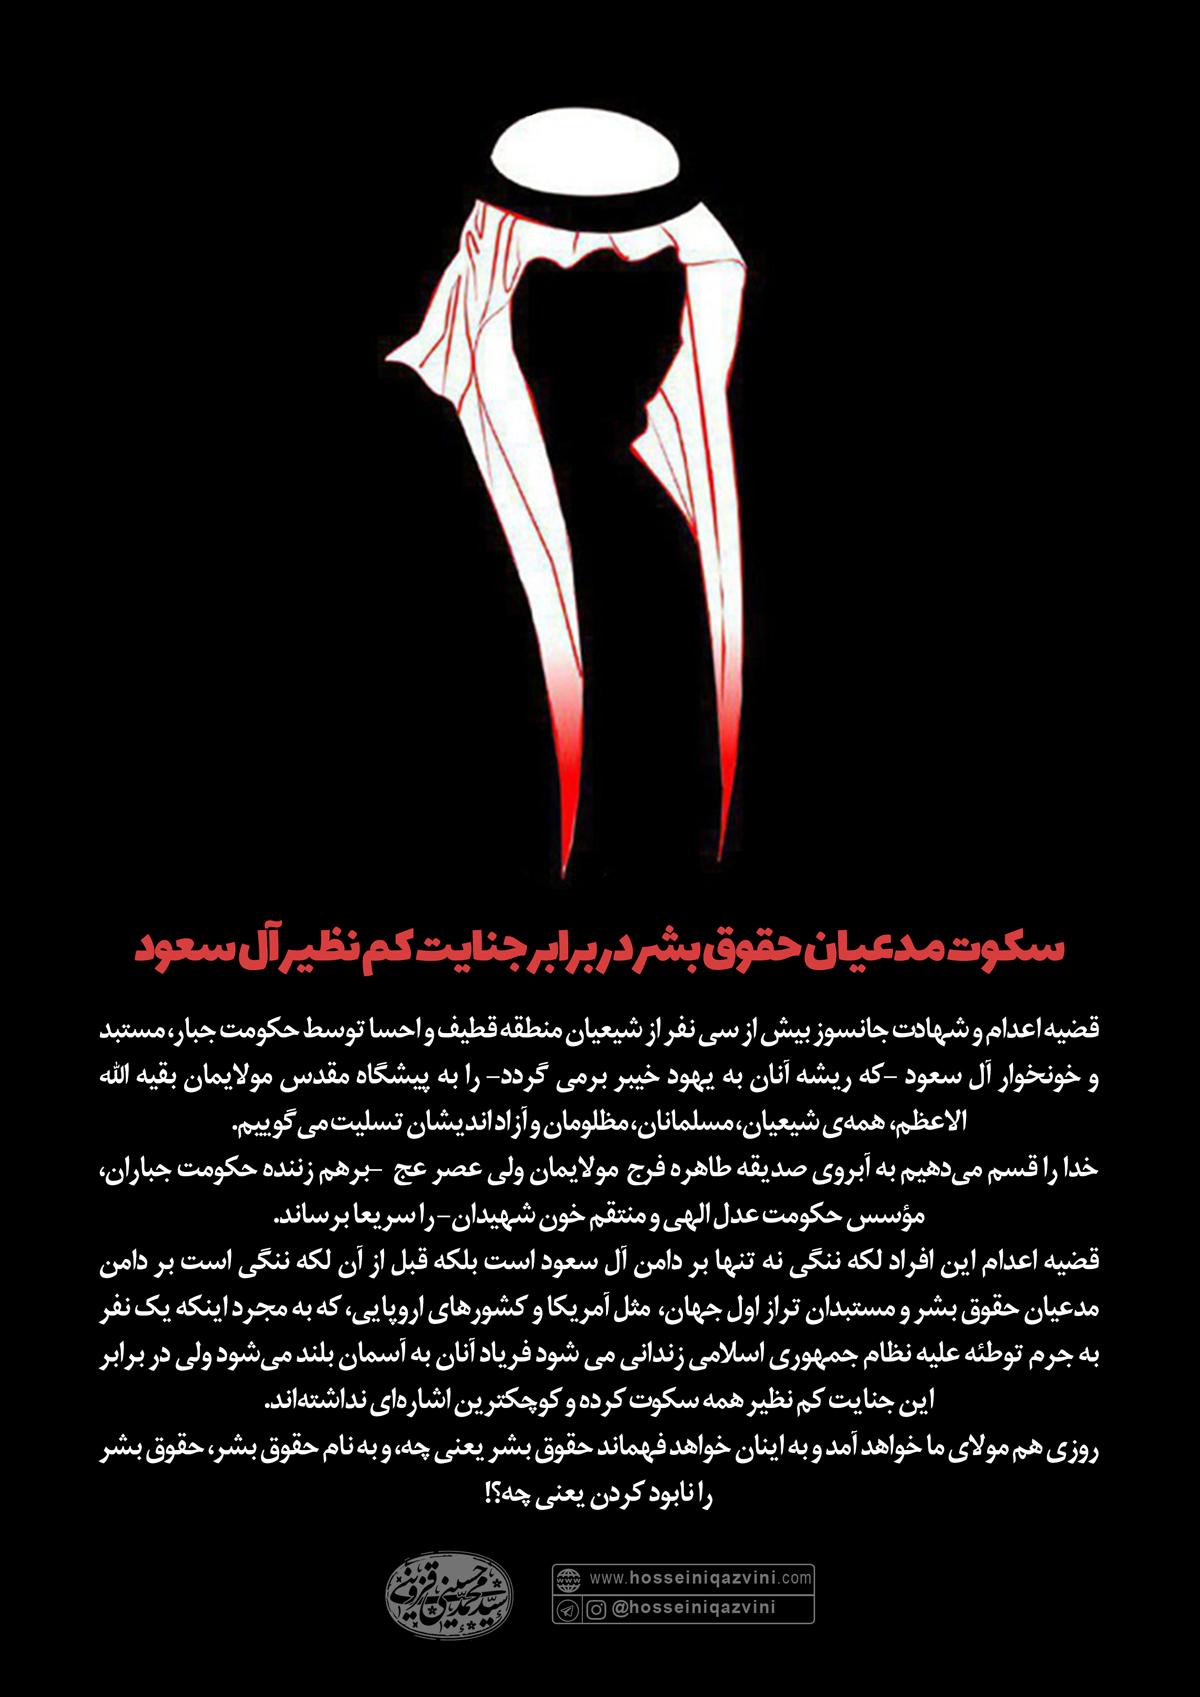 سکوت مدعیان حقوق بشر در برابر جنایت کم نظیر آل سعود